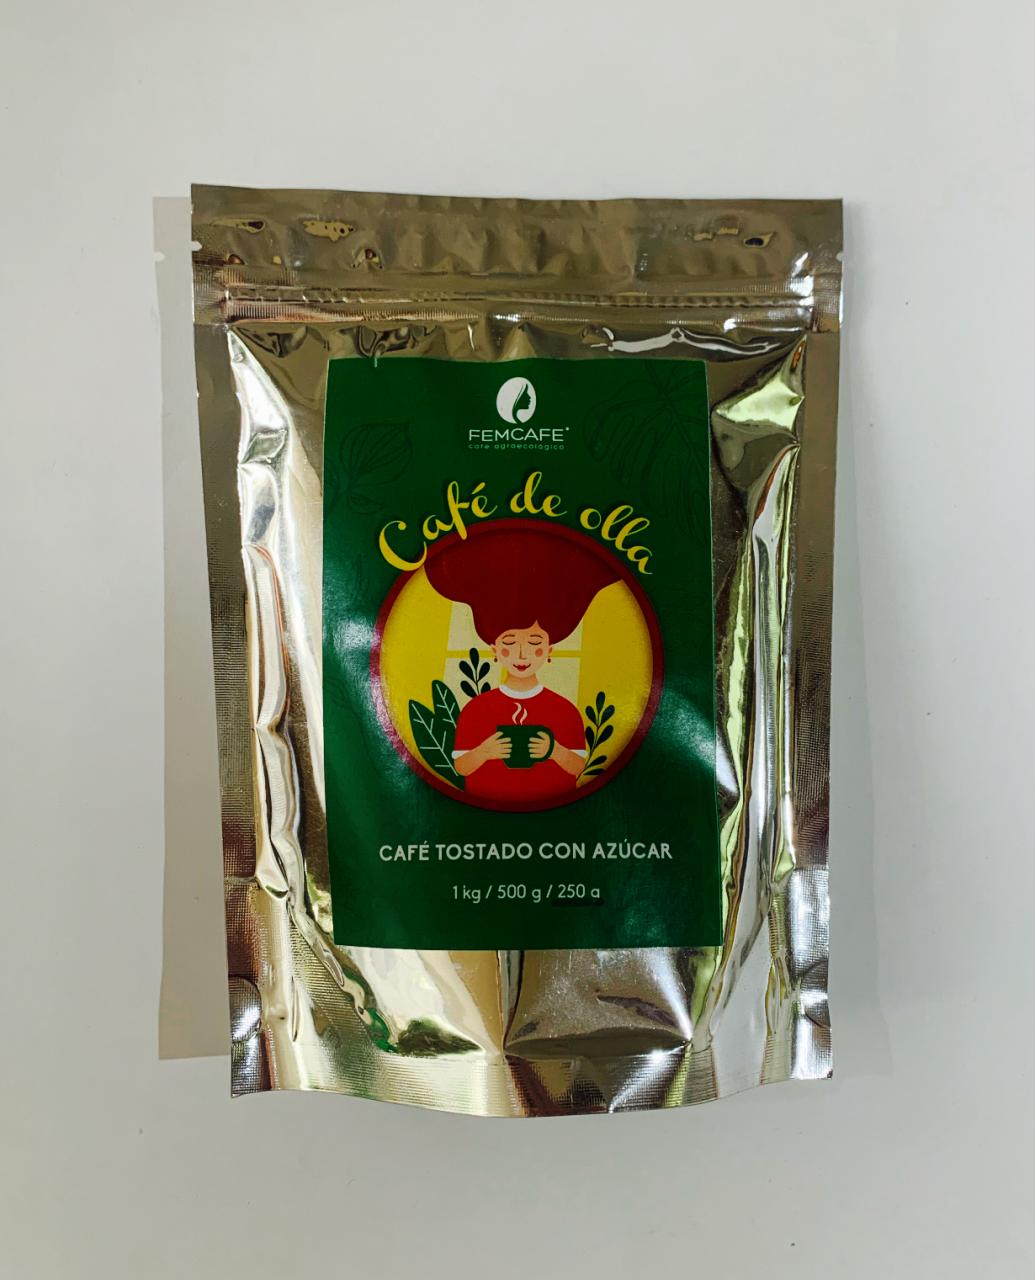 Café de olla con azúcar - Femcafé: Molido medio